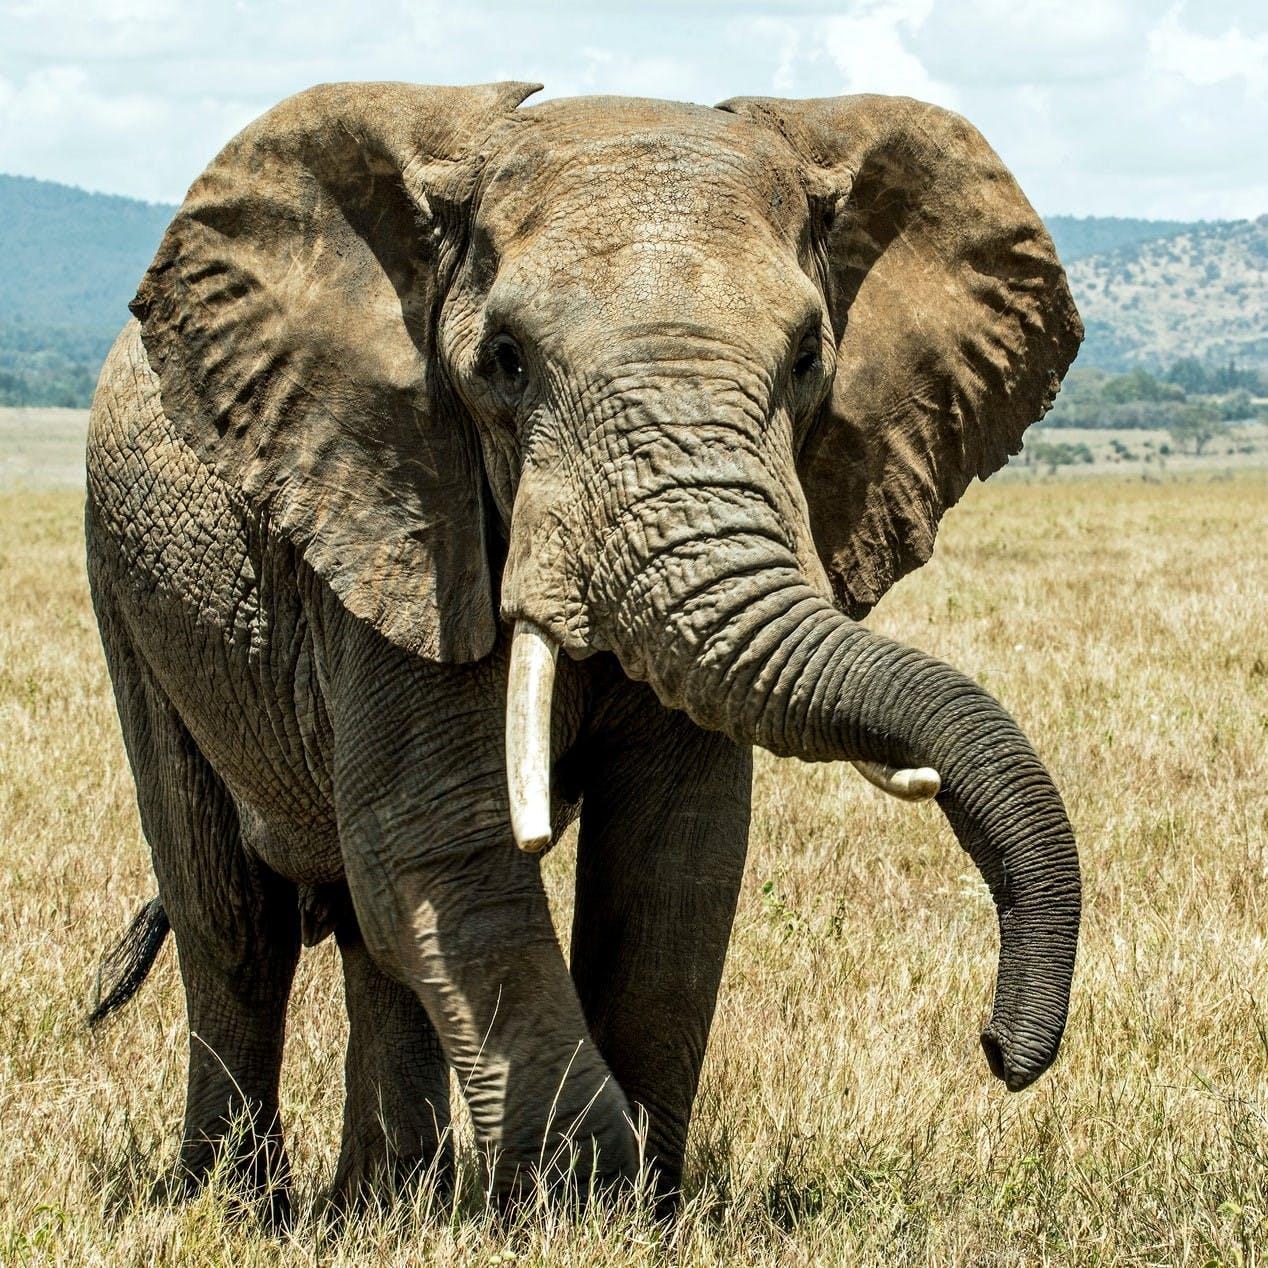 An elephant walks across a field of grass.